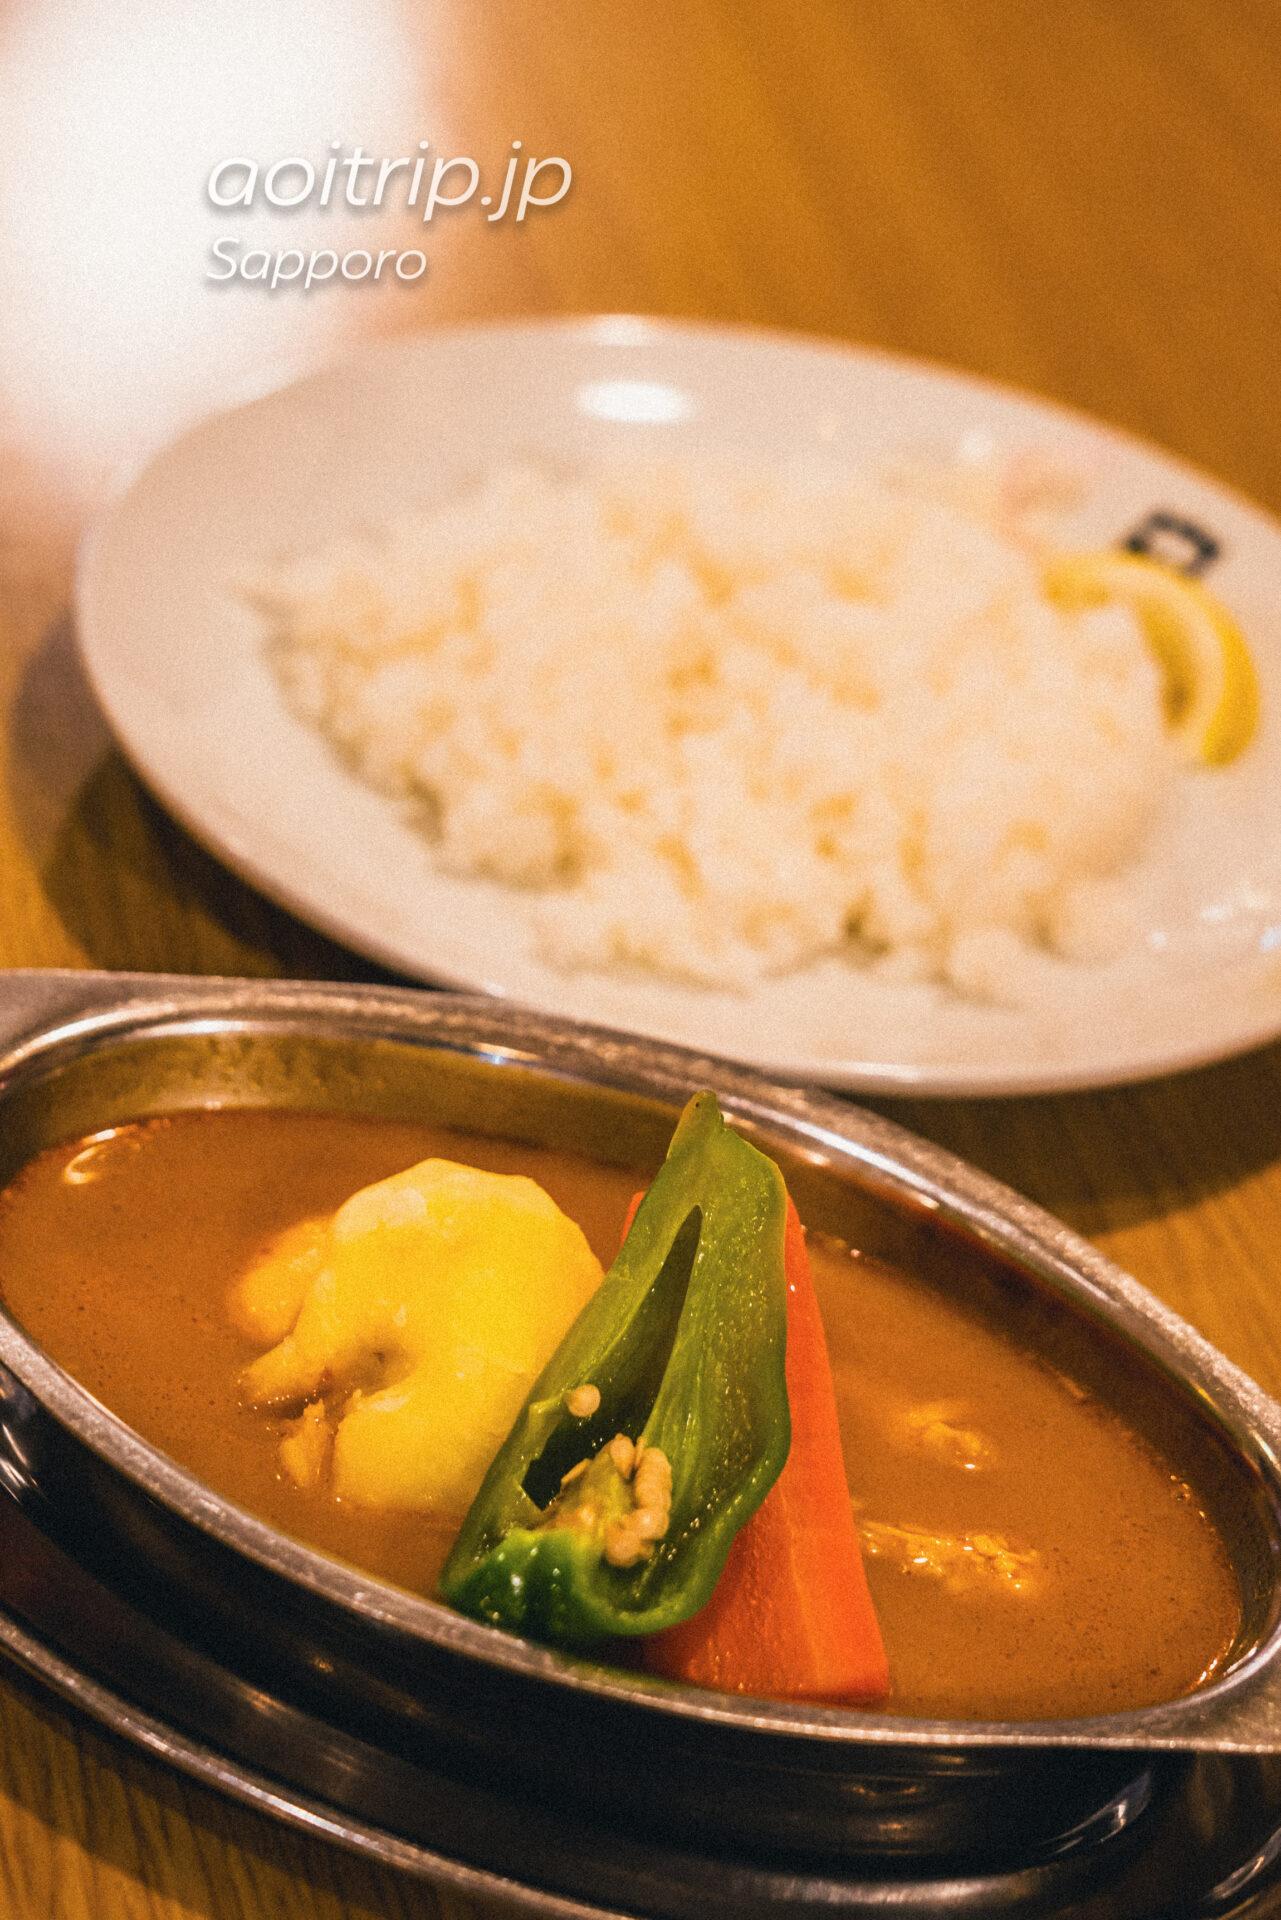 札幌のカレー店 デリーのチキンスープカレー